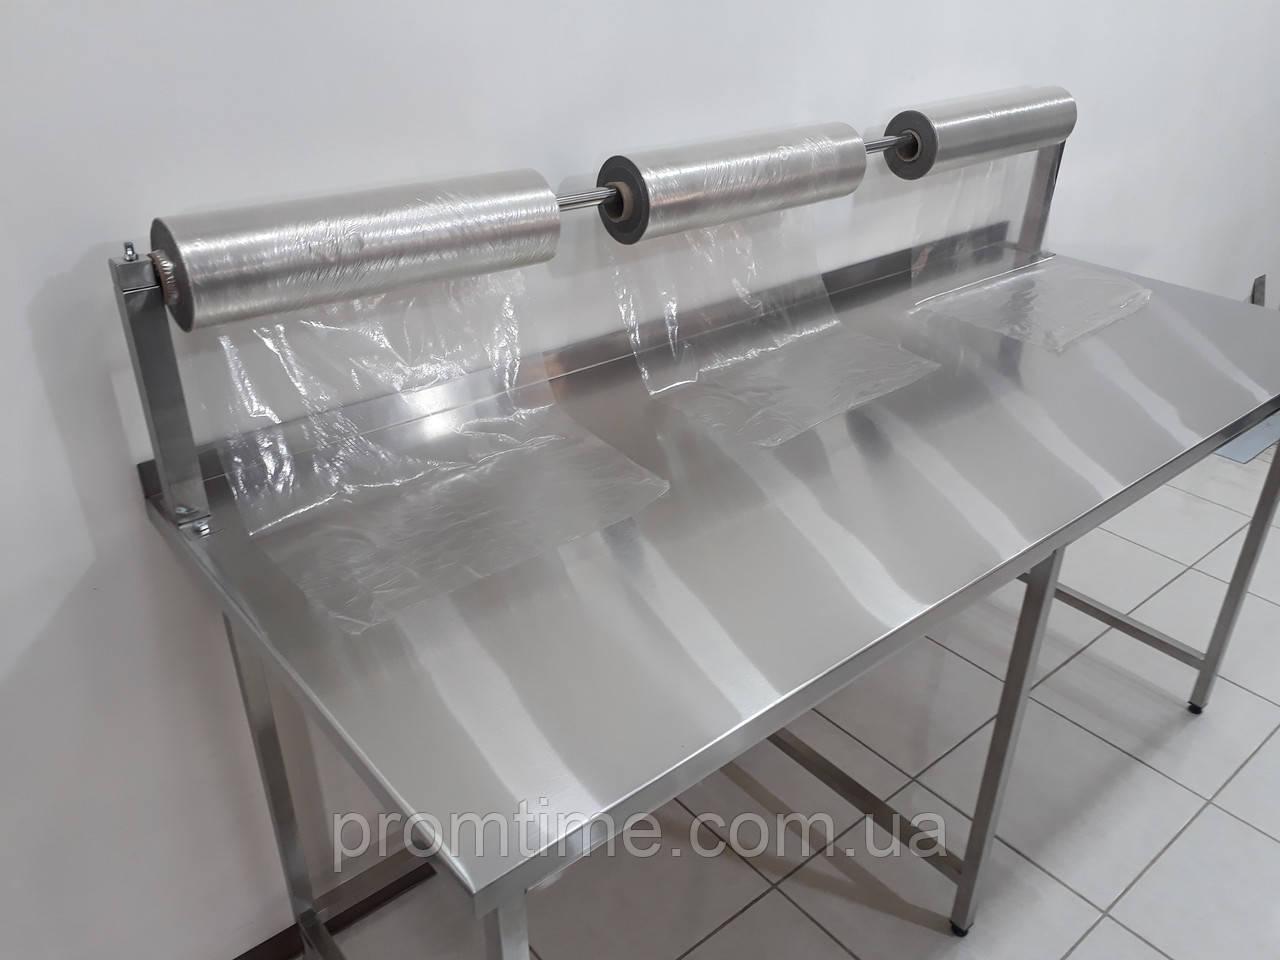 Стол производственный для упаковки 2000х800х850